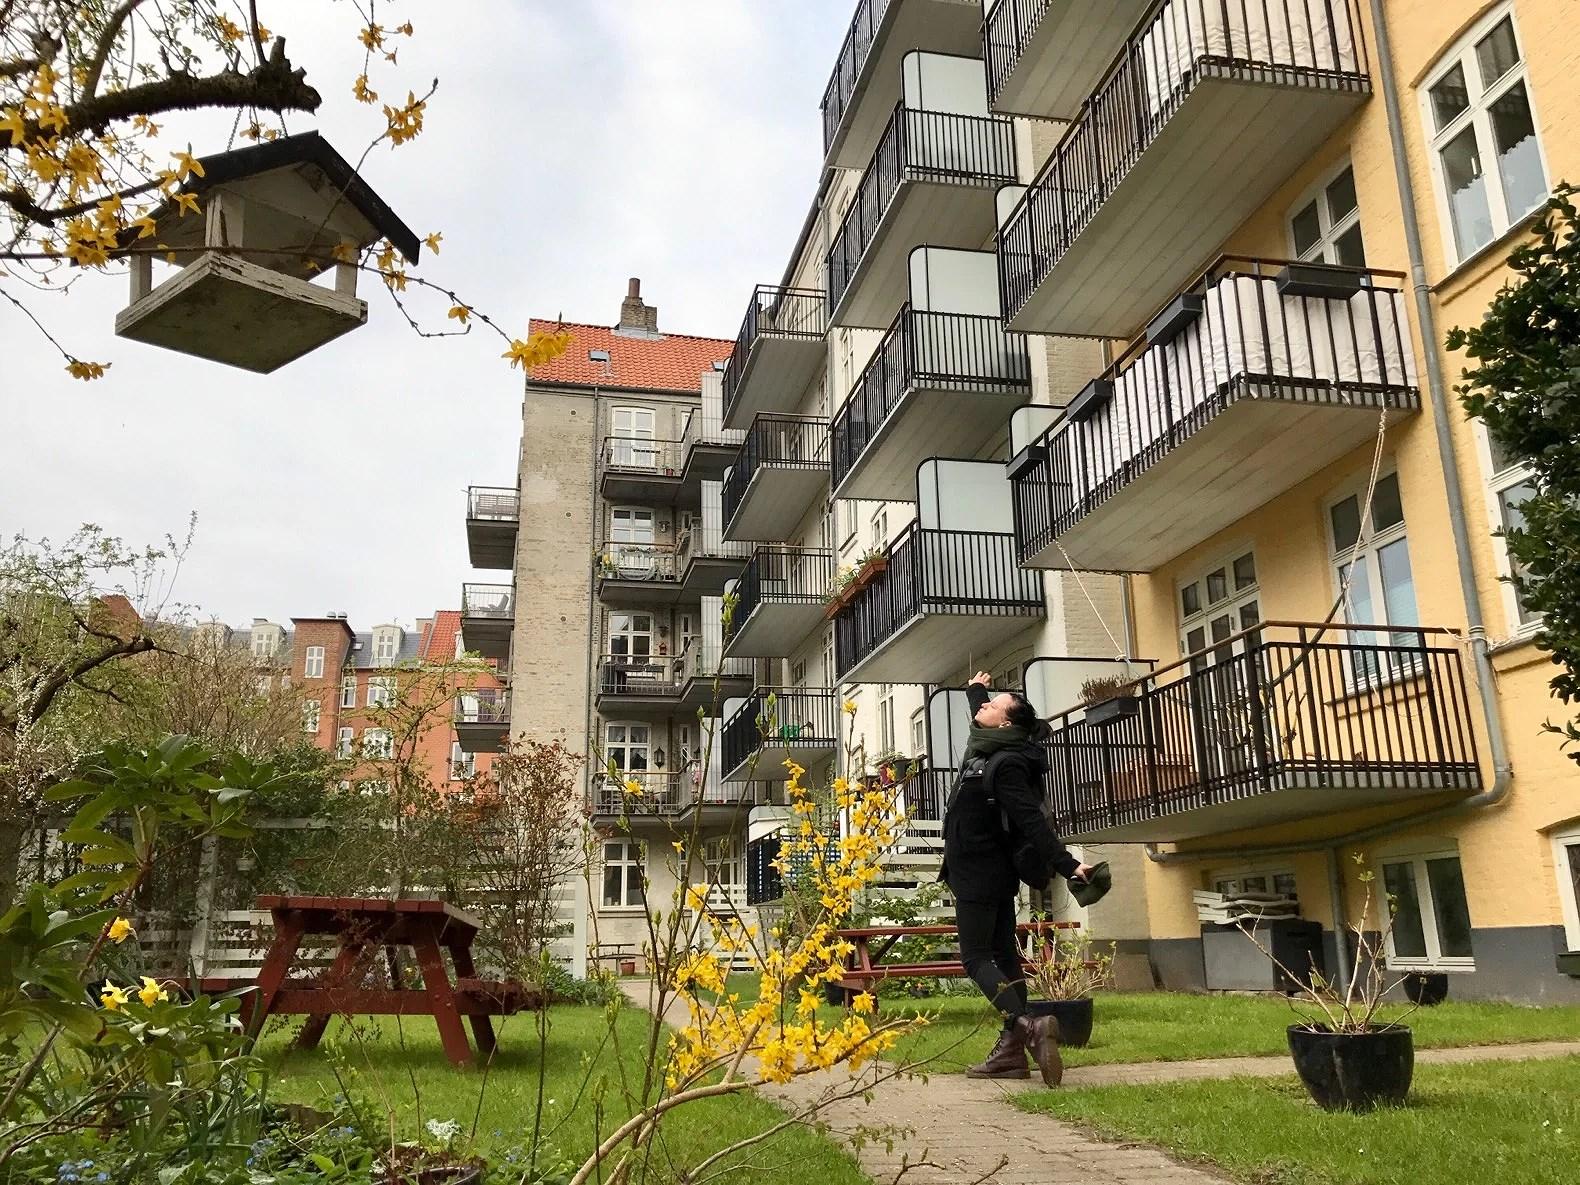 Tankar i Danmark